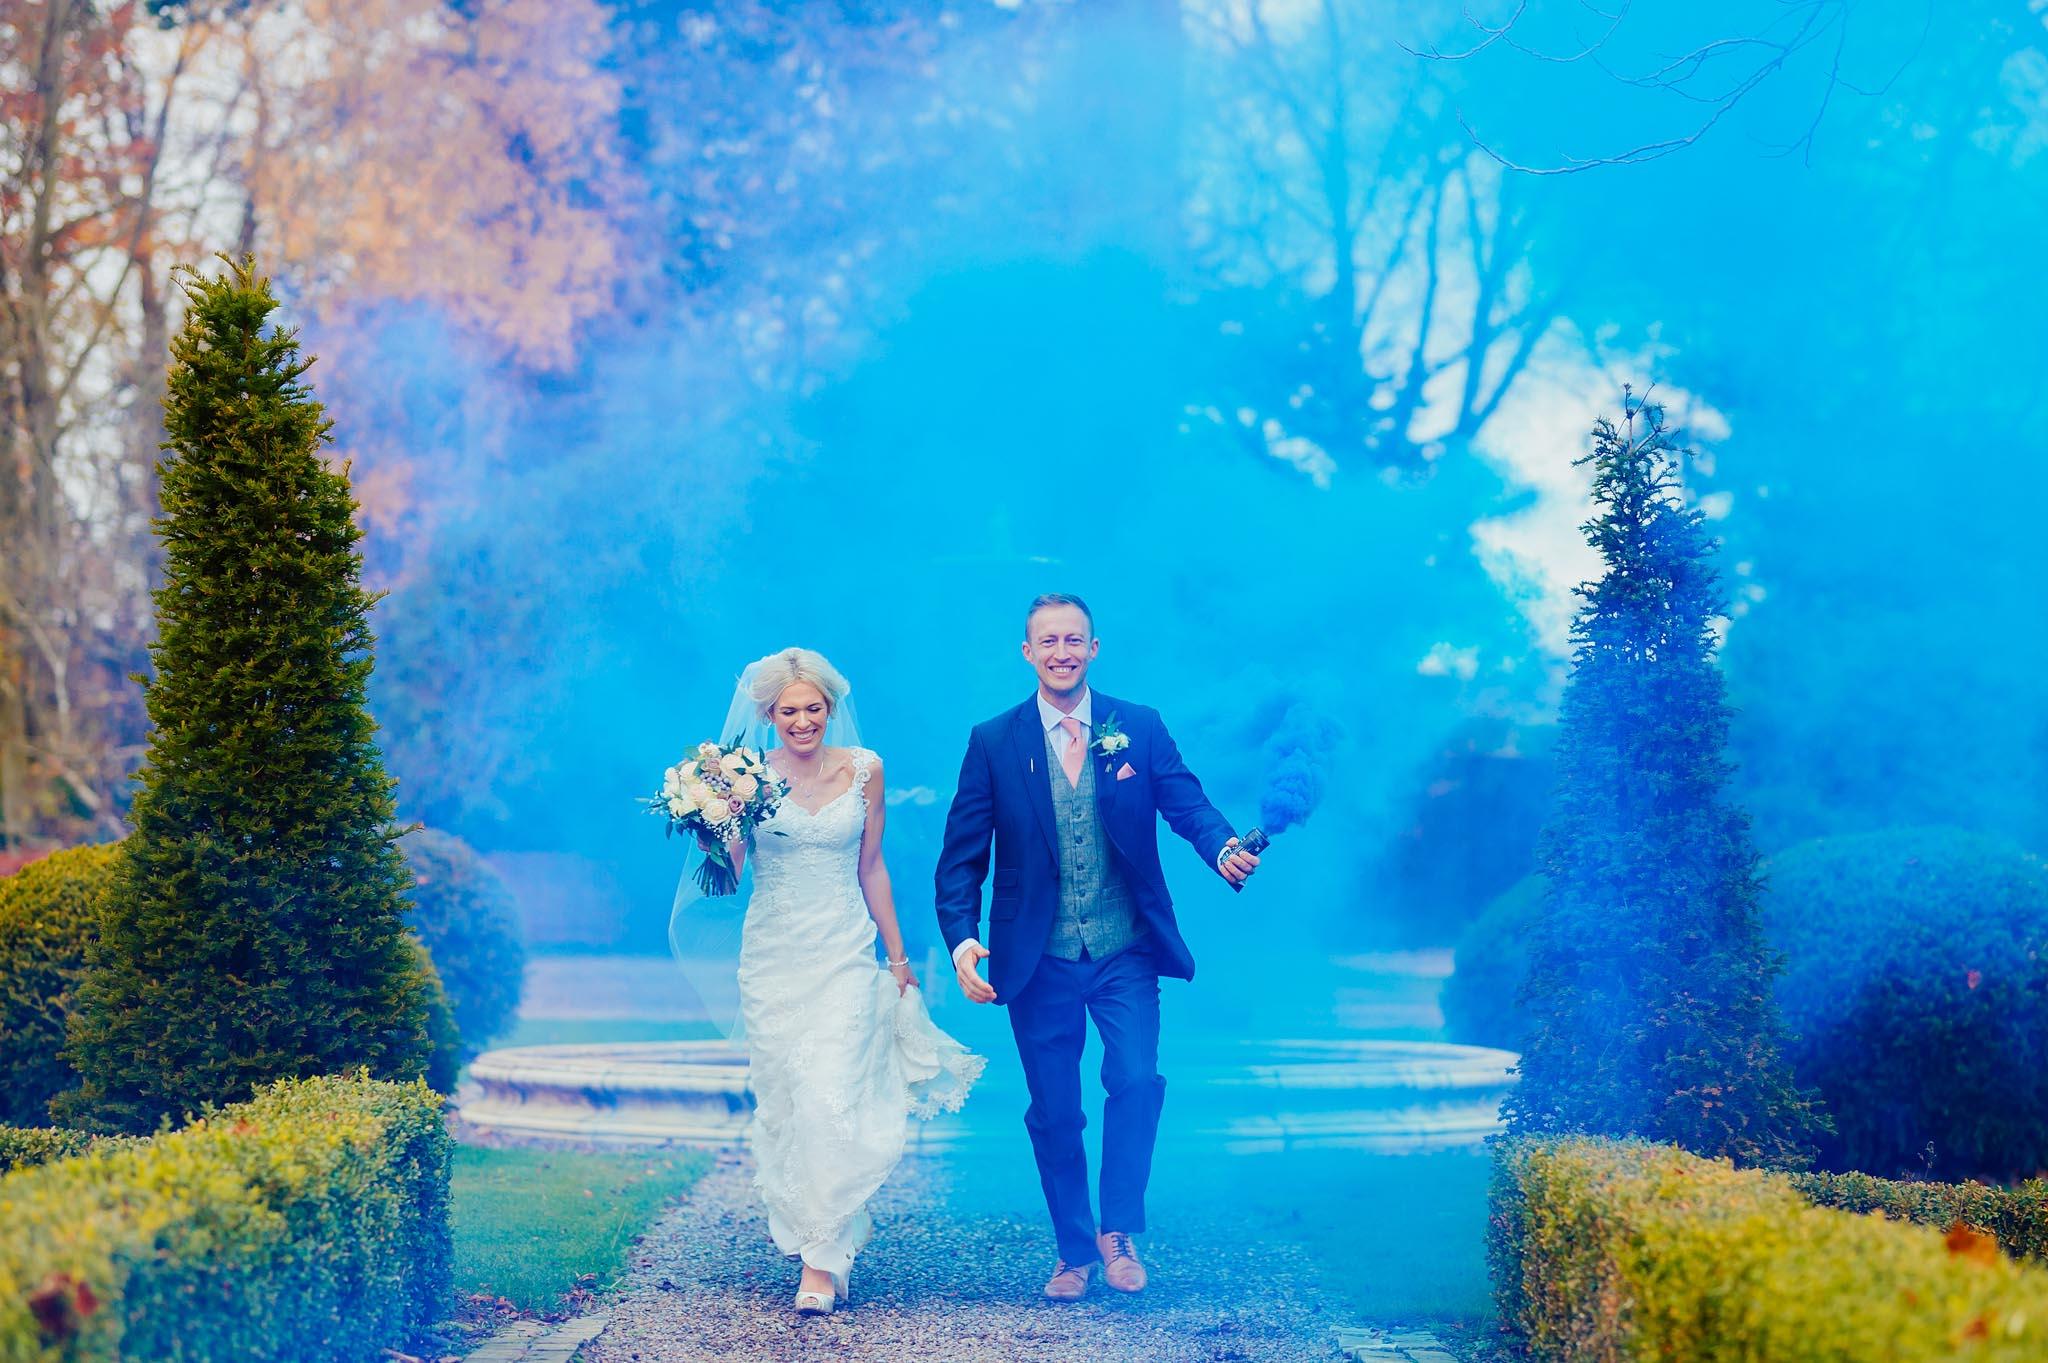 Lemore Manor wedding, Herefordshire - West Midlands | Sadie + Ken 78